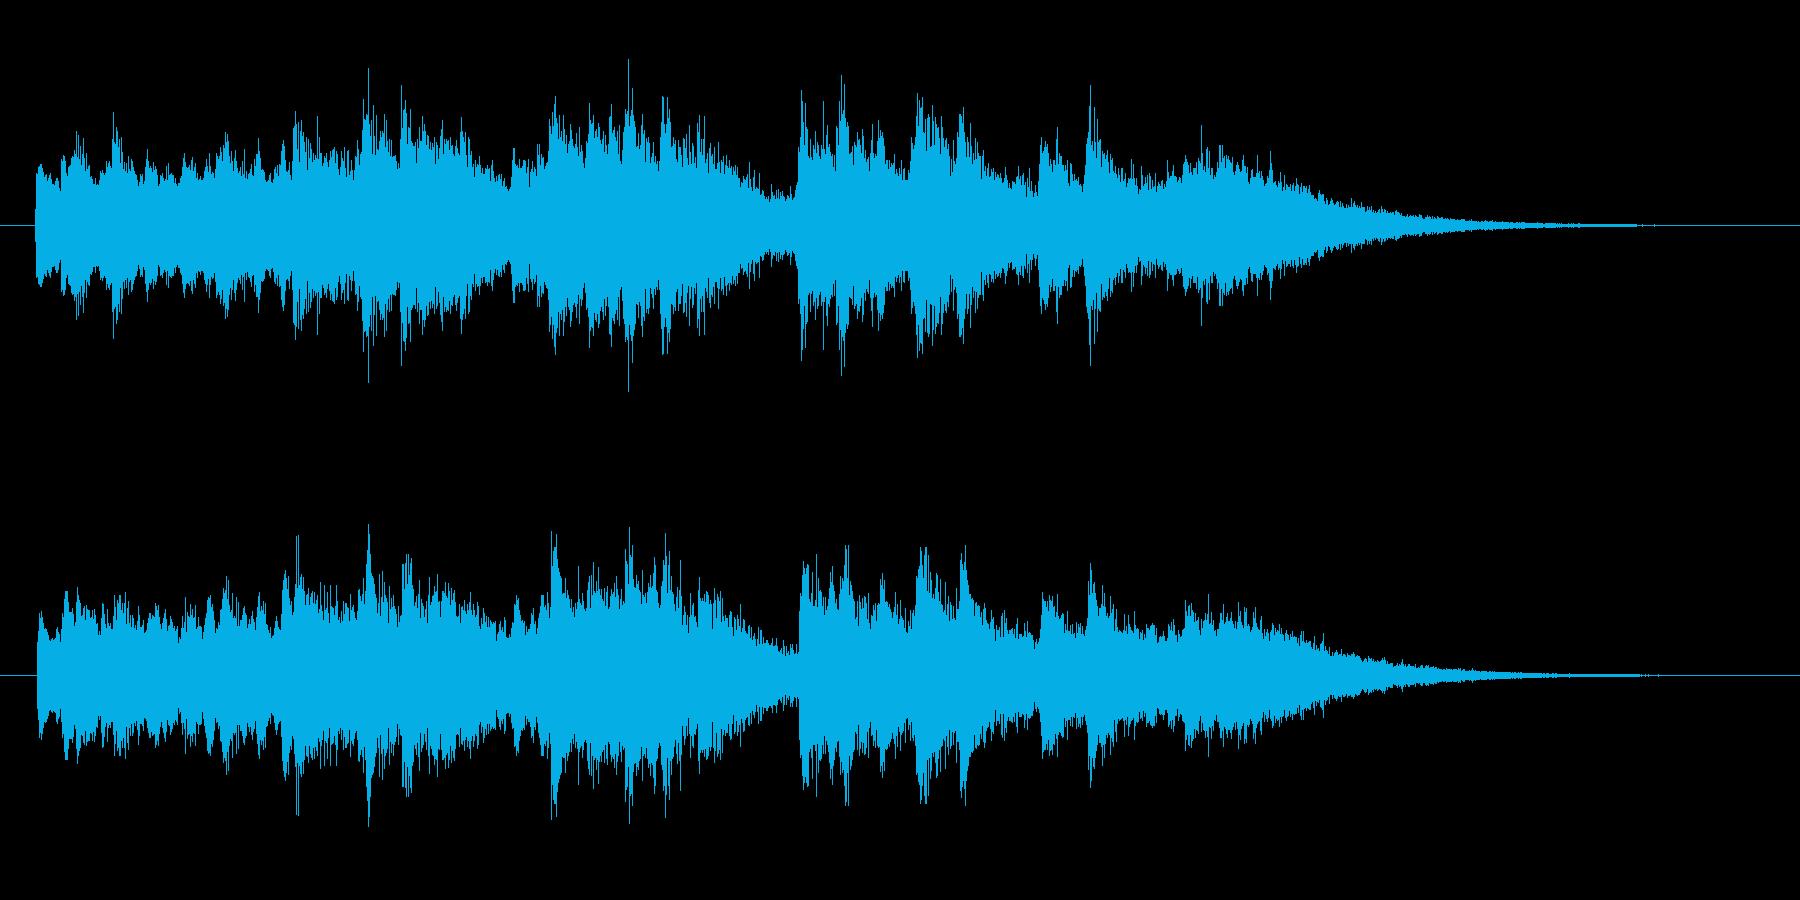 お誕生日の歌 ジャズコードの再生済みの波形